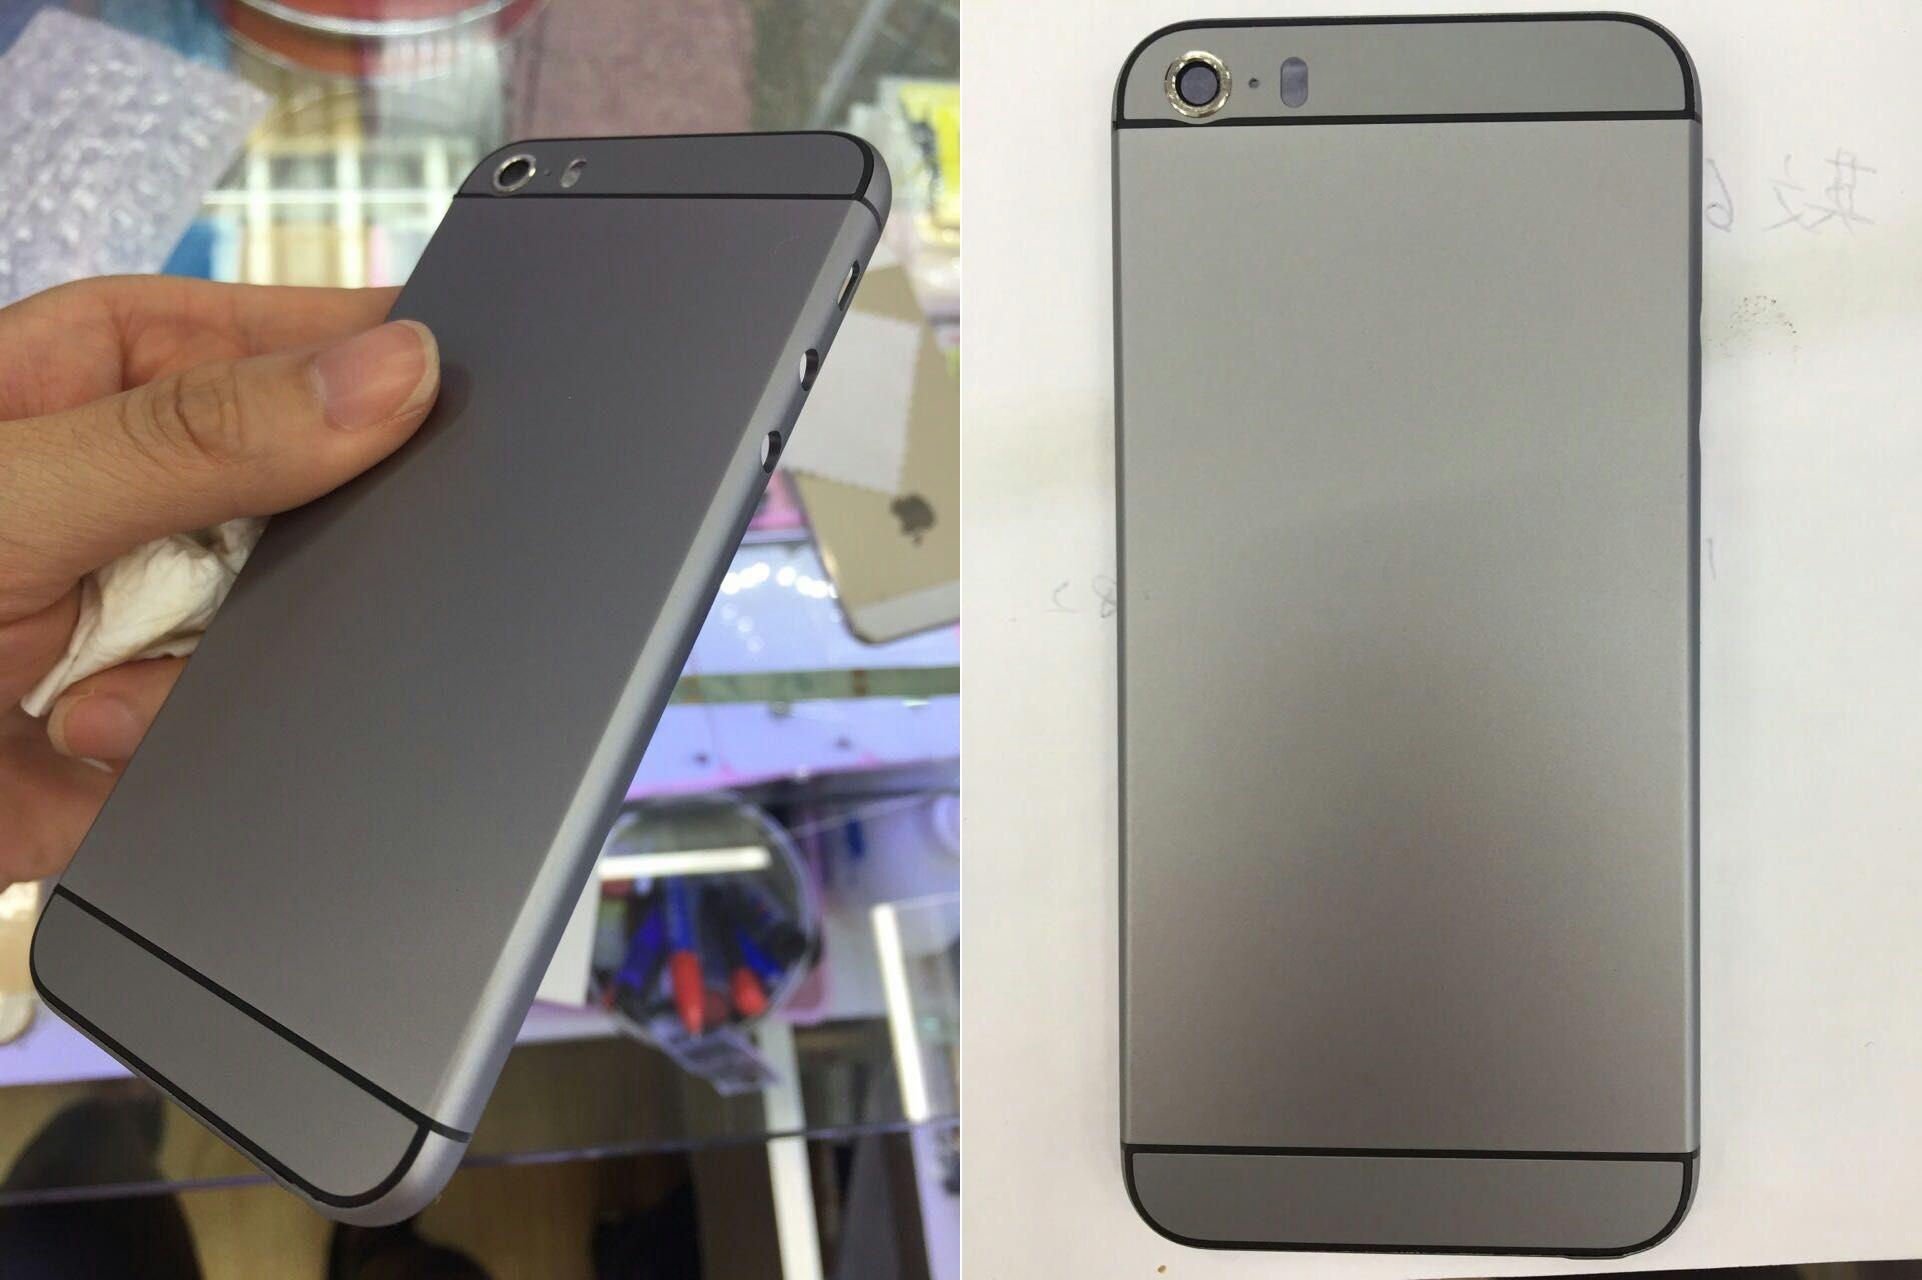 iPhone 6C carcasa imagini 1